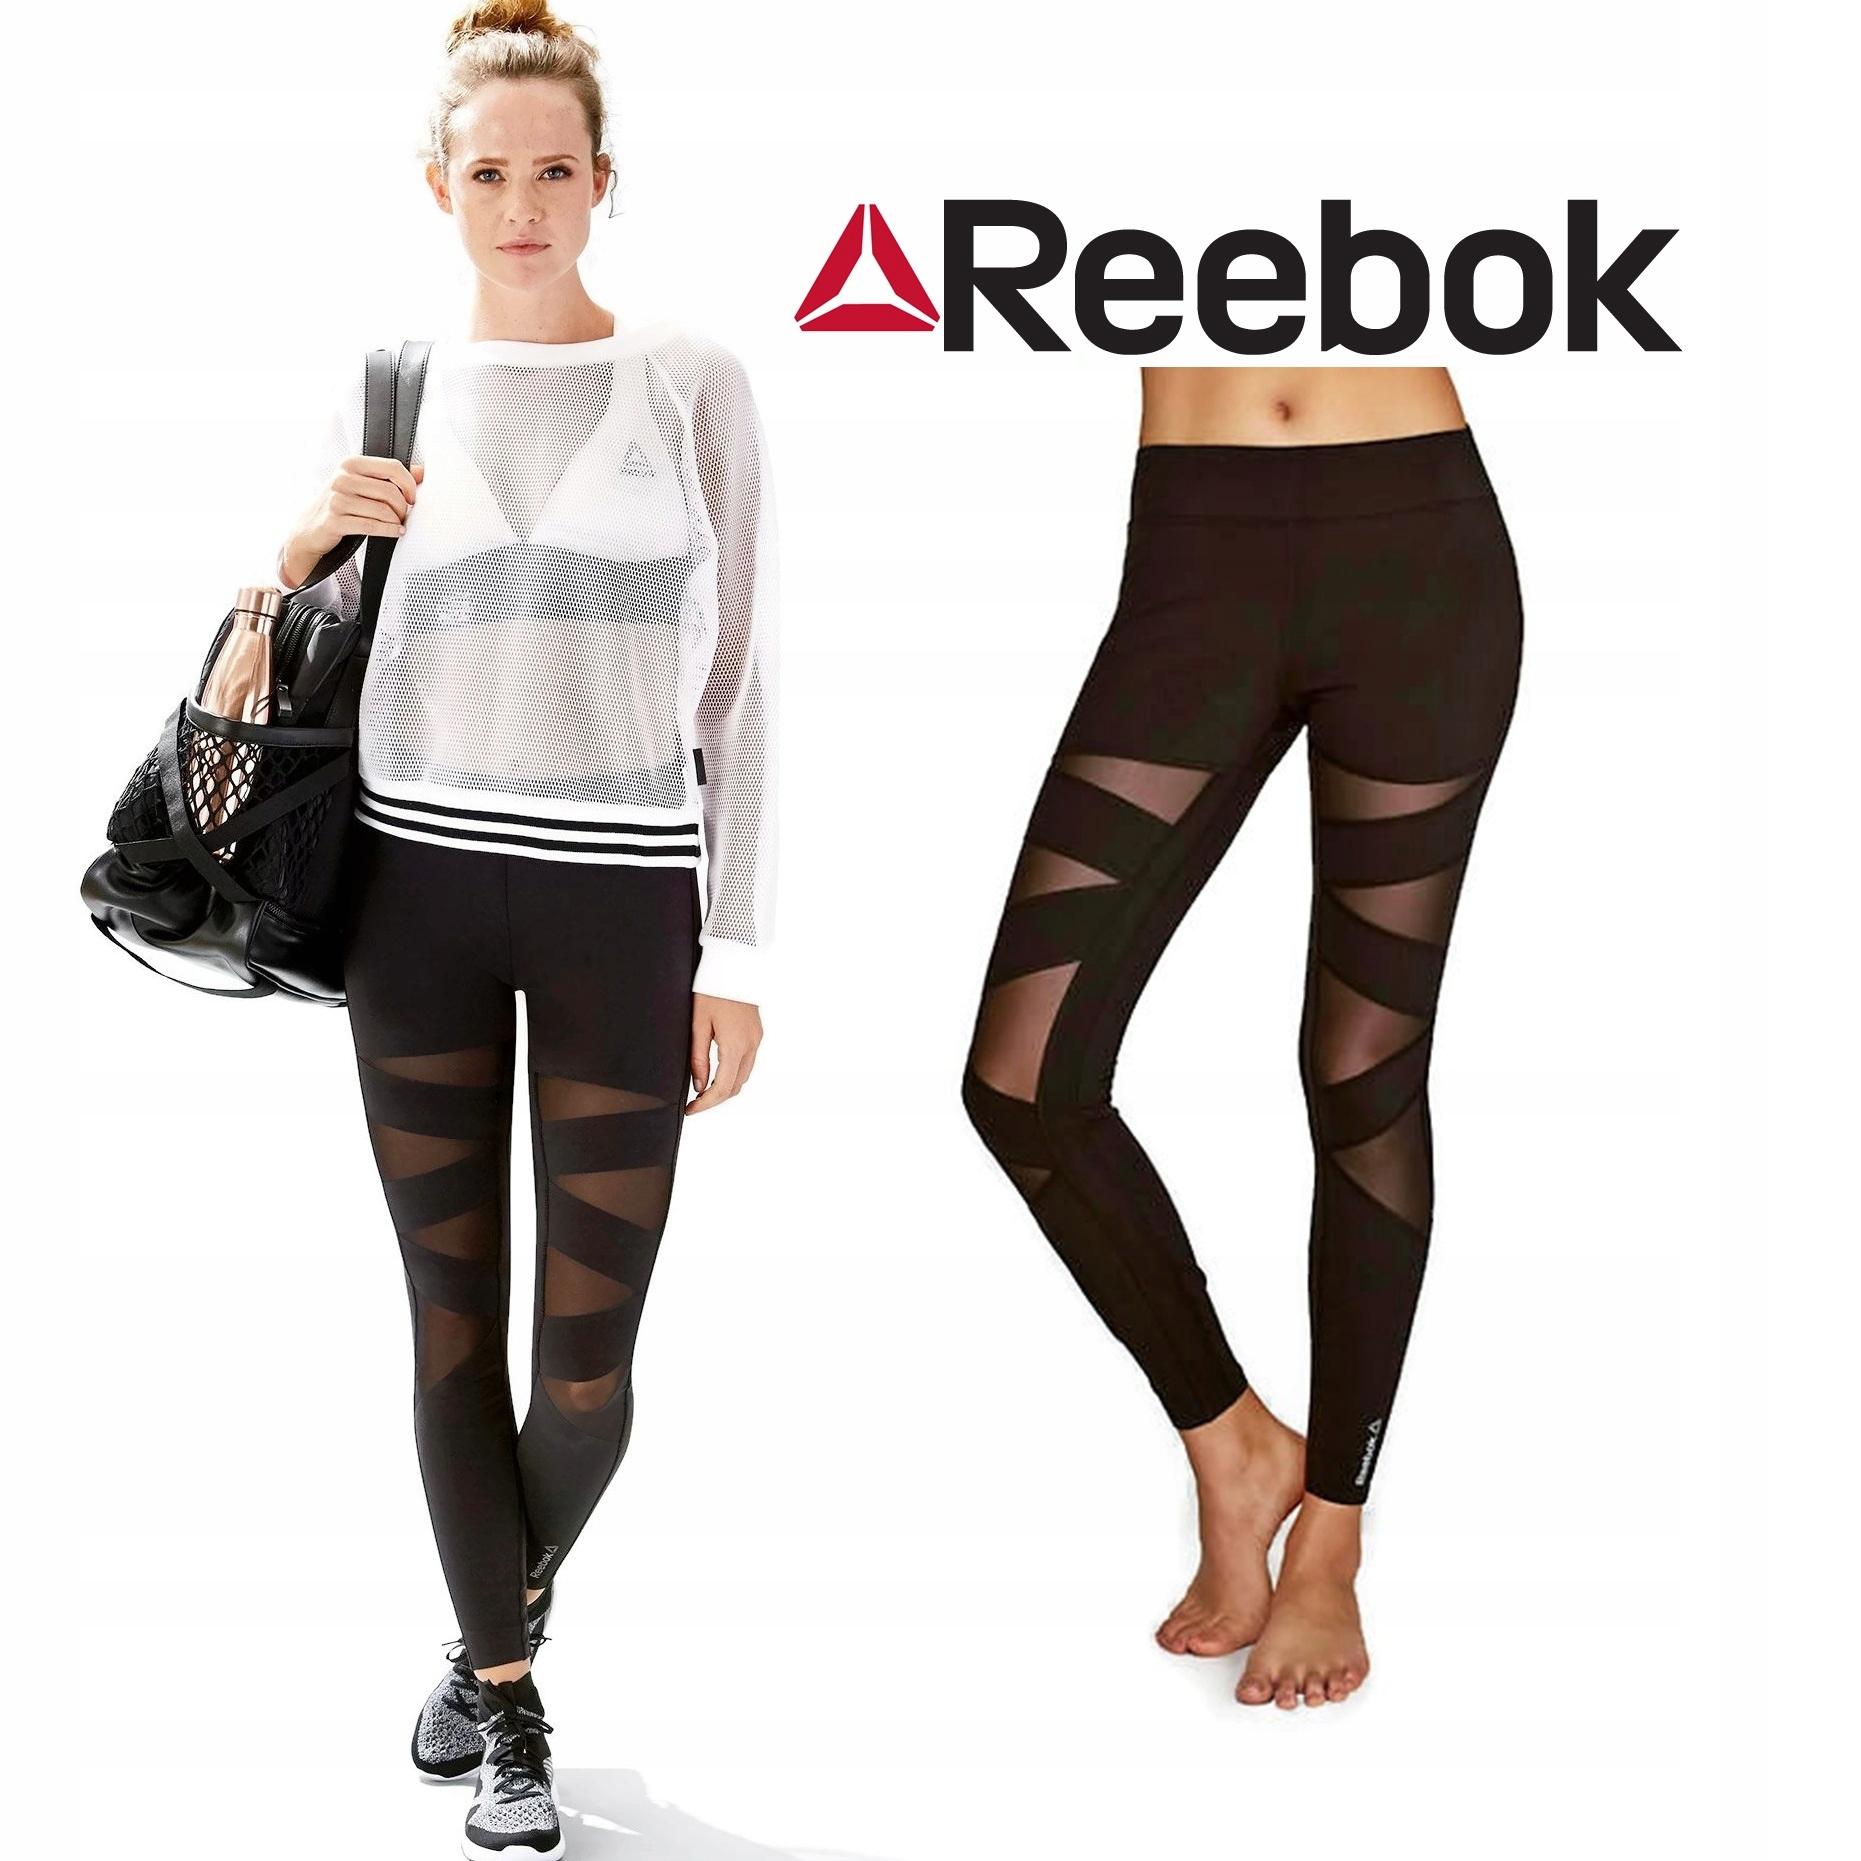 Sprzedam legginsy damskie Reebok! Nowe! Rozmiar XS(30 32